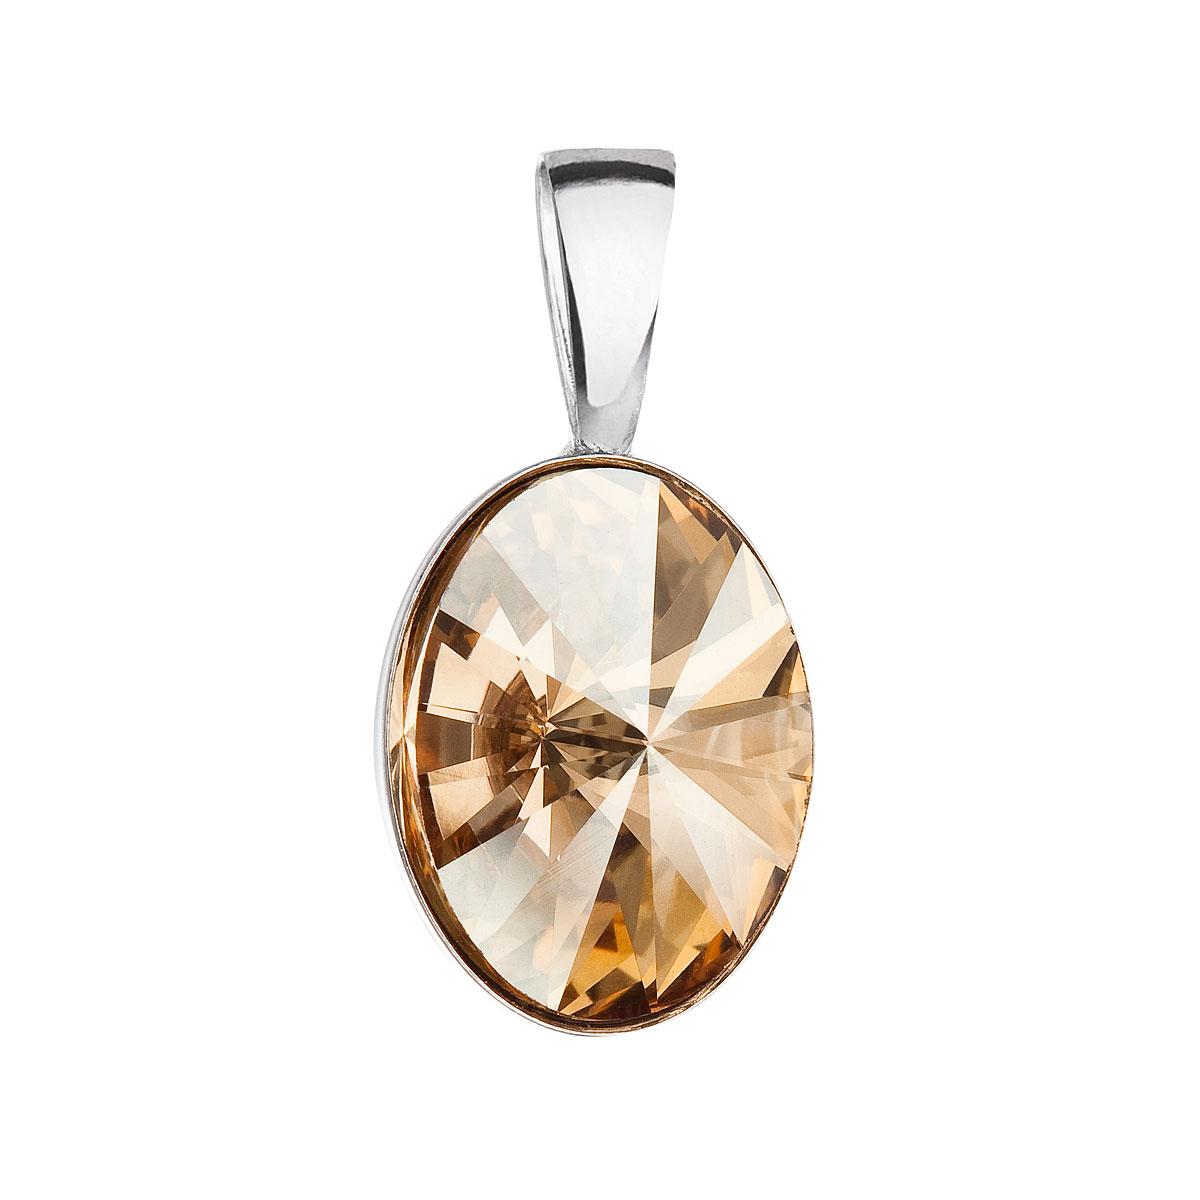 Evolution Group Stříbrný přívěsek s krystalem Swarovski zlatý ovál 34245.5